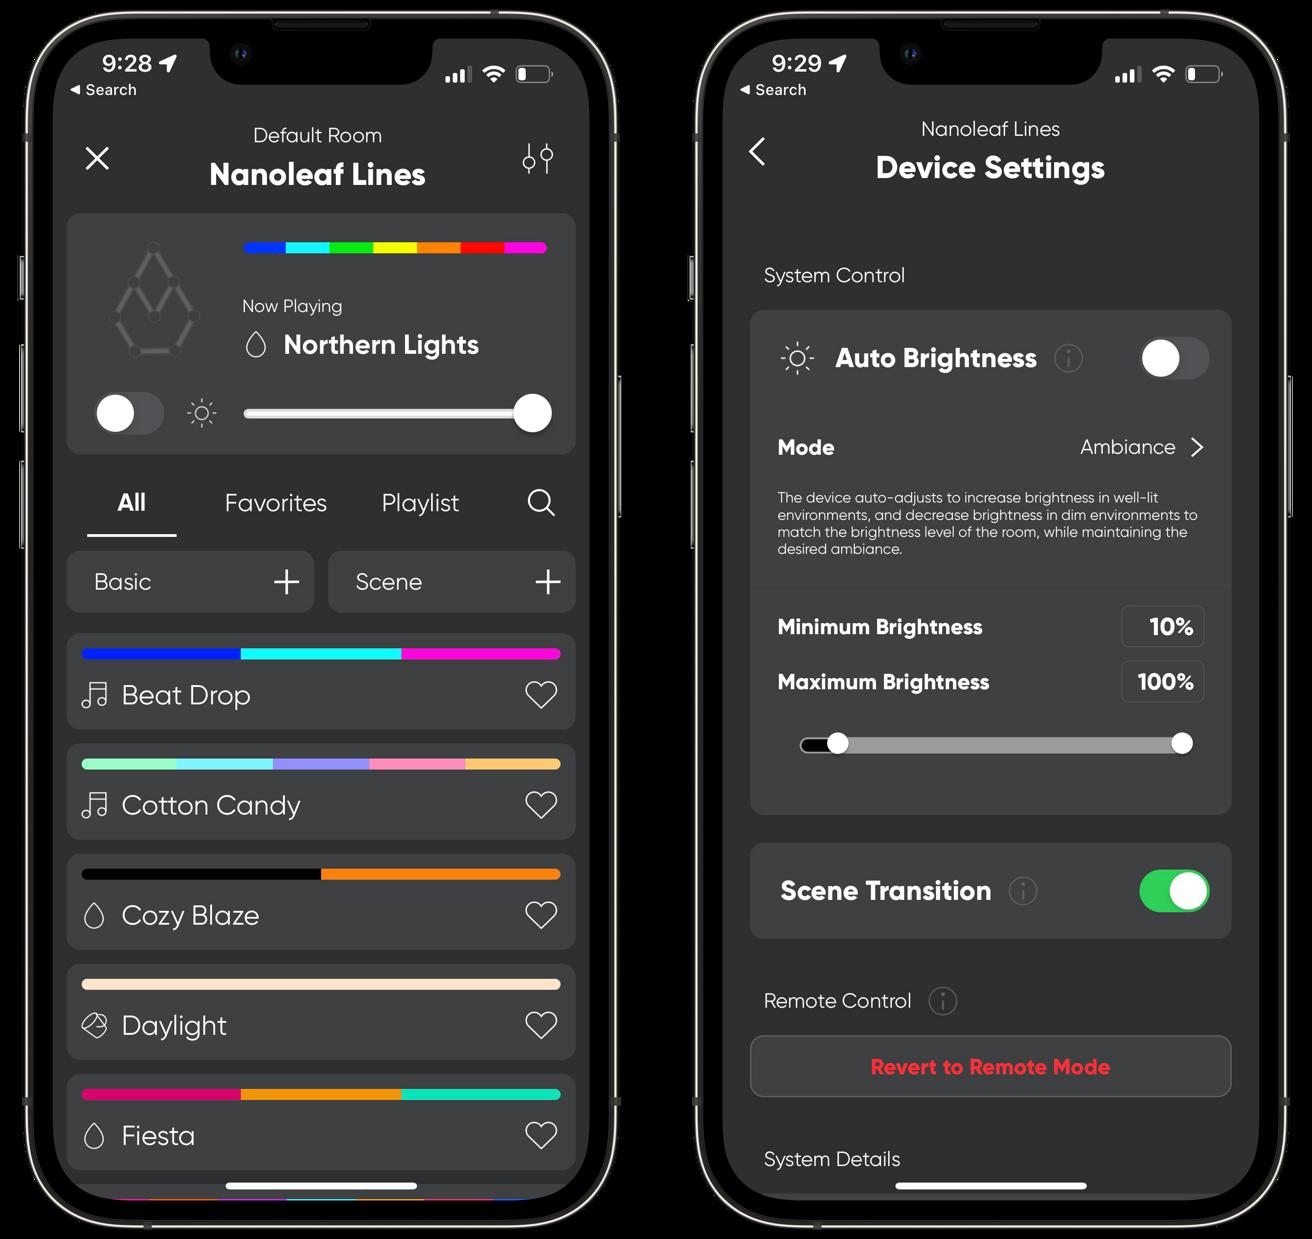 Viewing Nanoleaf Lines in the Nanoleaf app